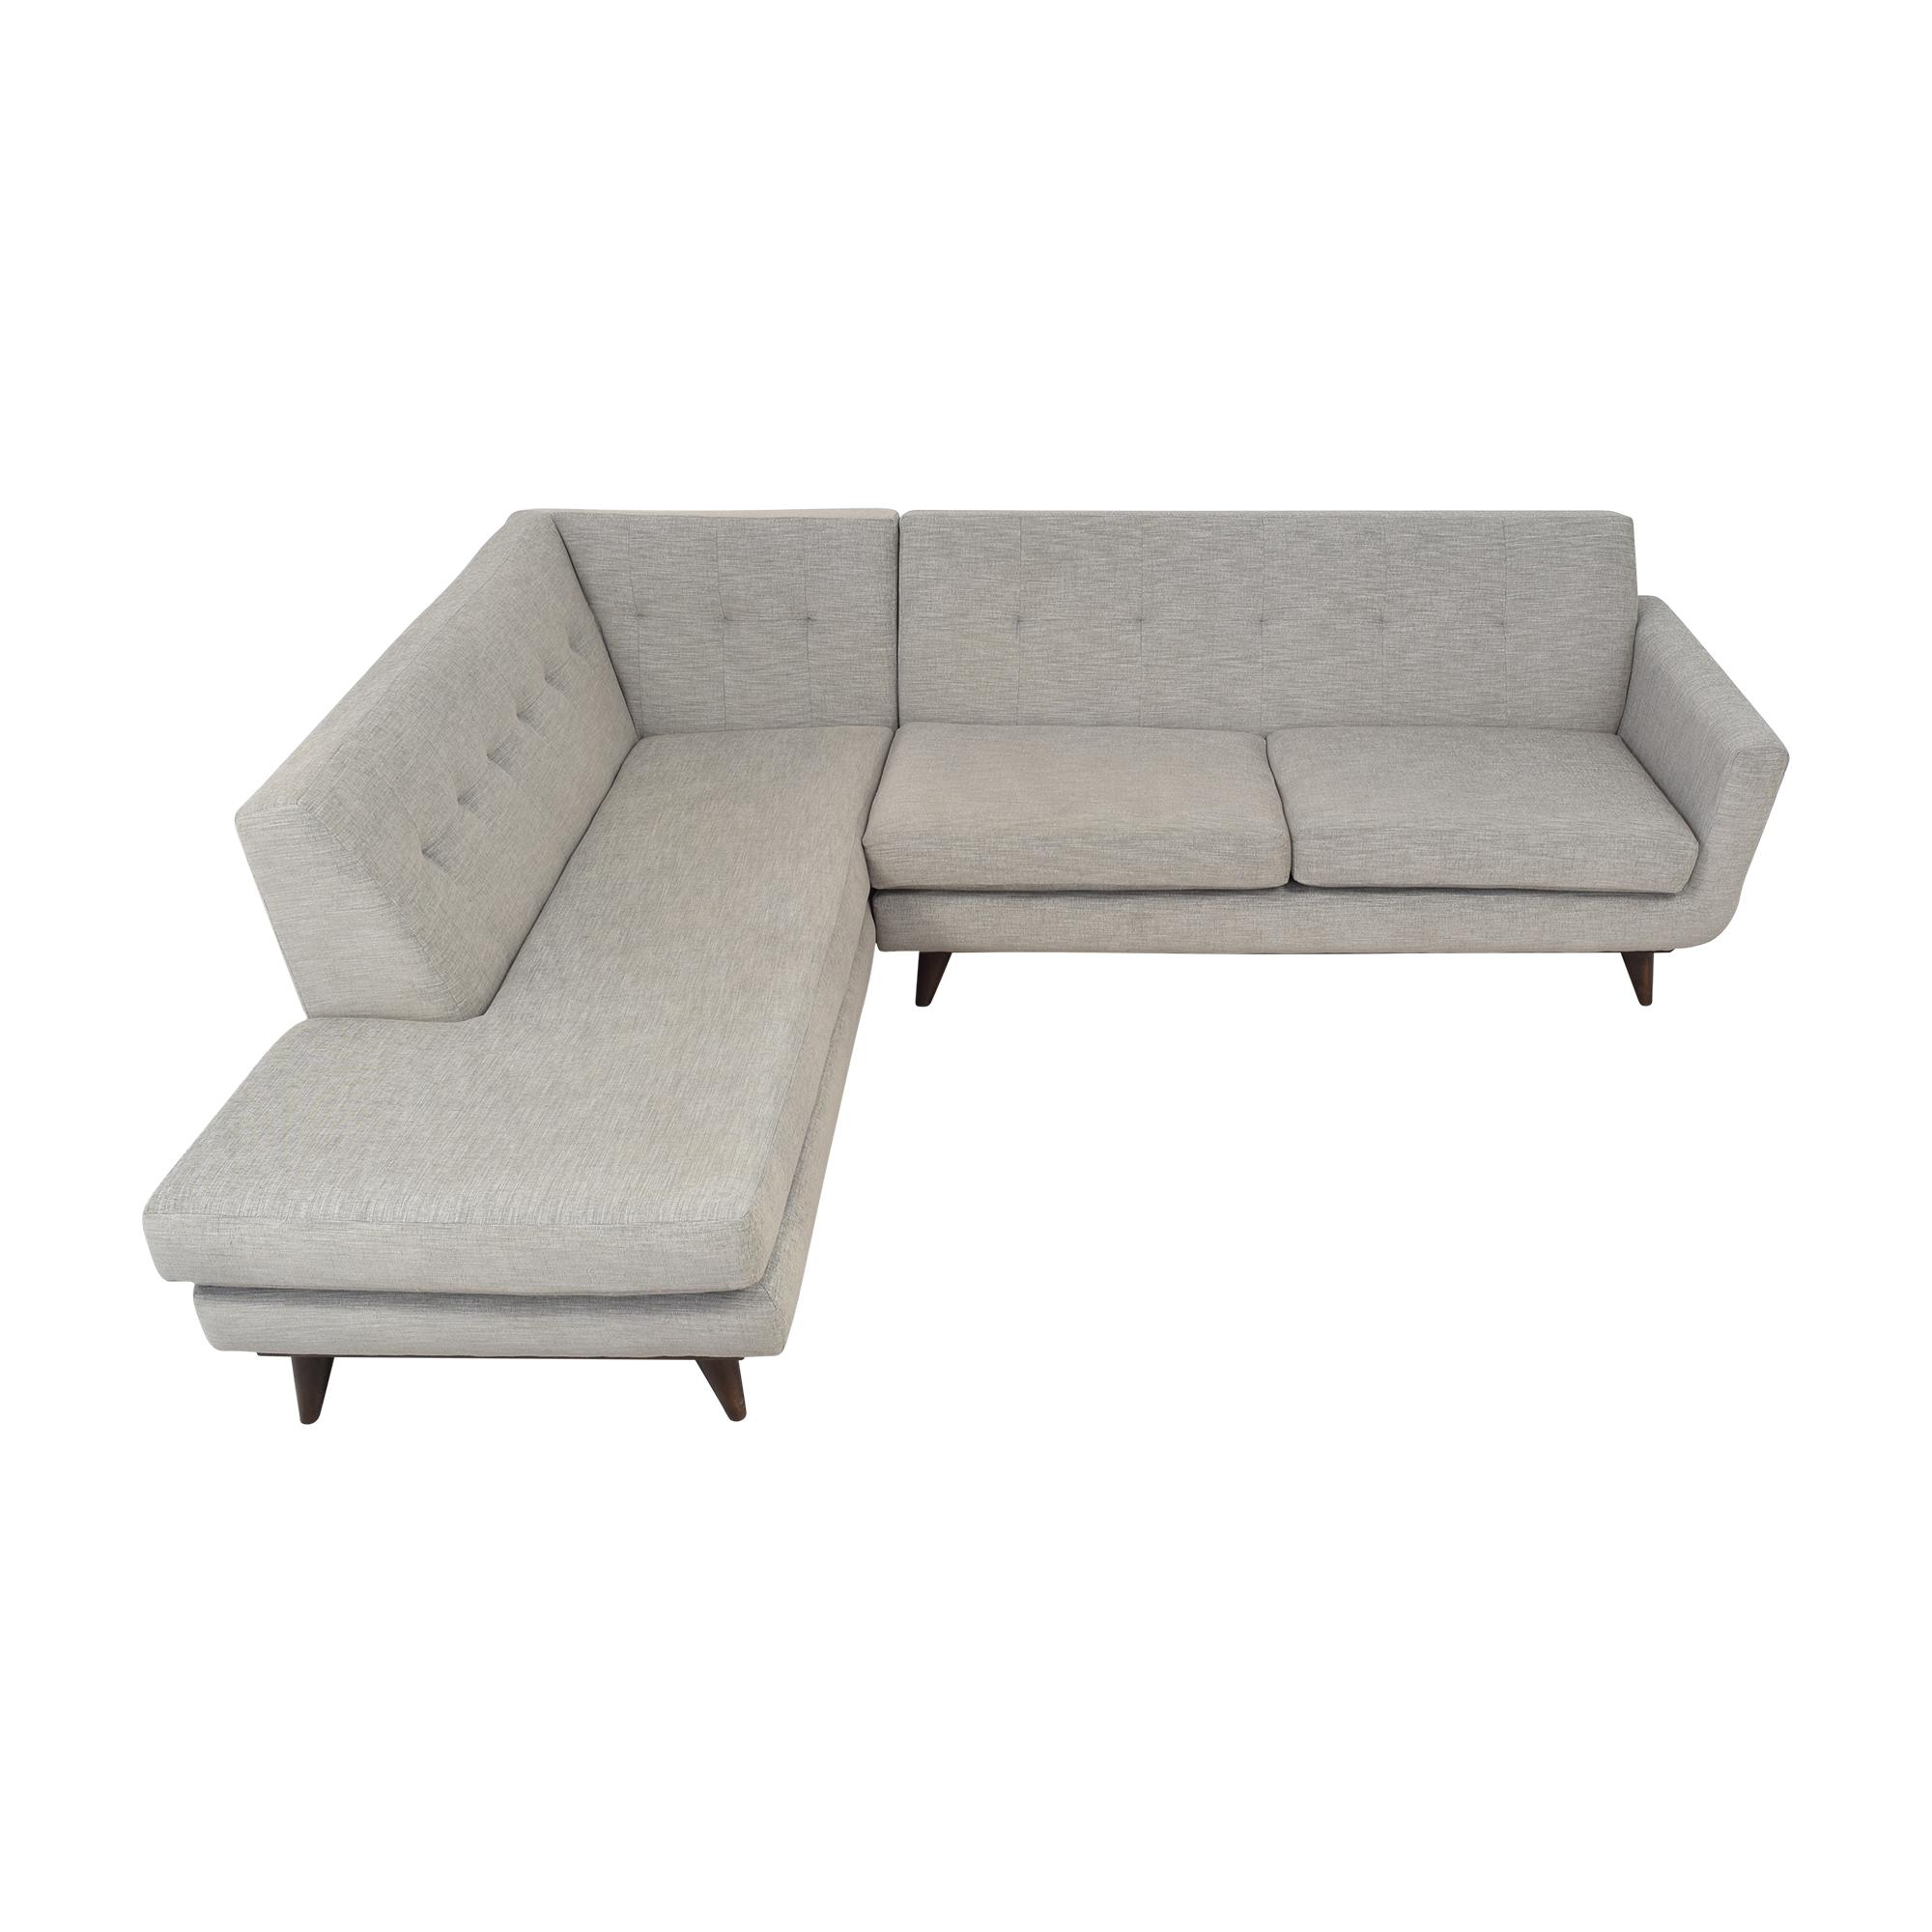 shop Joybird Hughes Sectional Sofa with Bumper Joybird